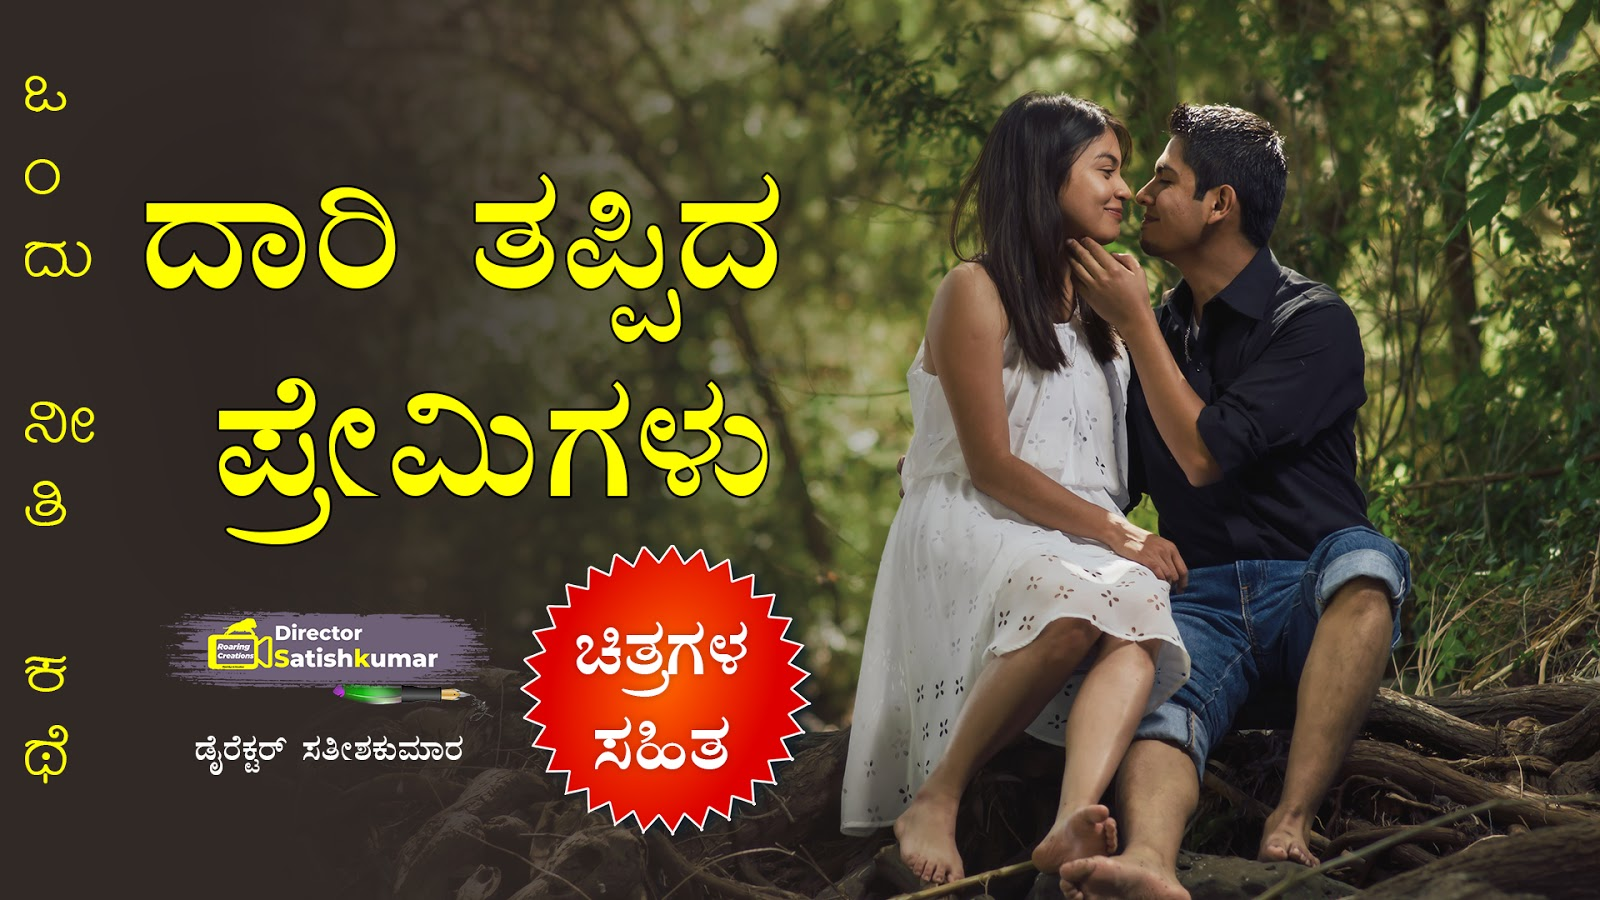 ದಾರಿ ತಪ್ಪಿದ ಪ್ರೇಮಿಗಳು : ಒಂದು ನೀತಿ ಕಥೆ - Kannada Moral Story